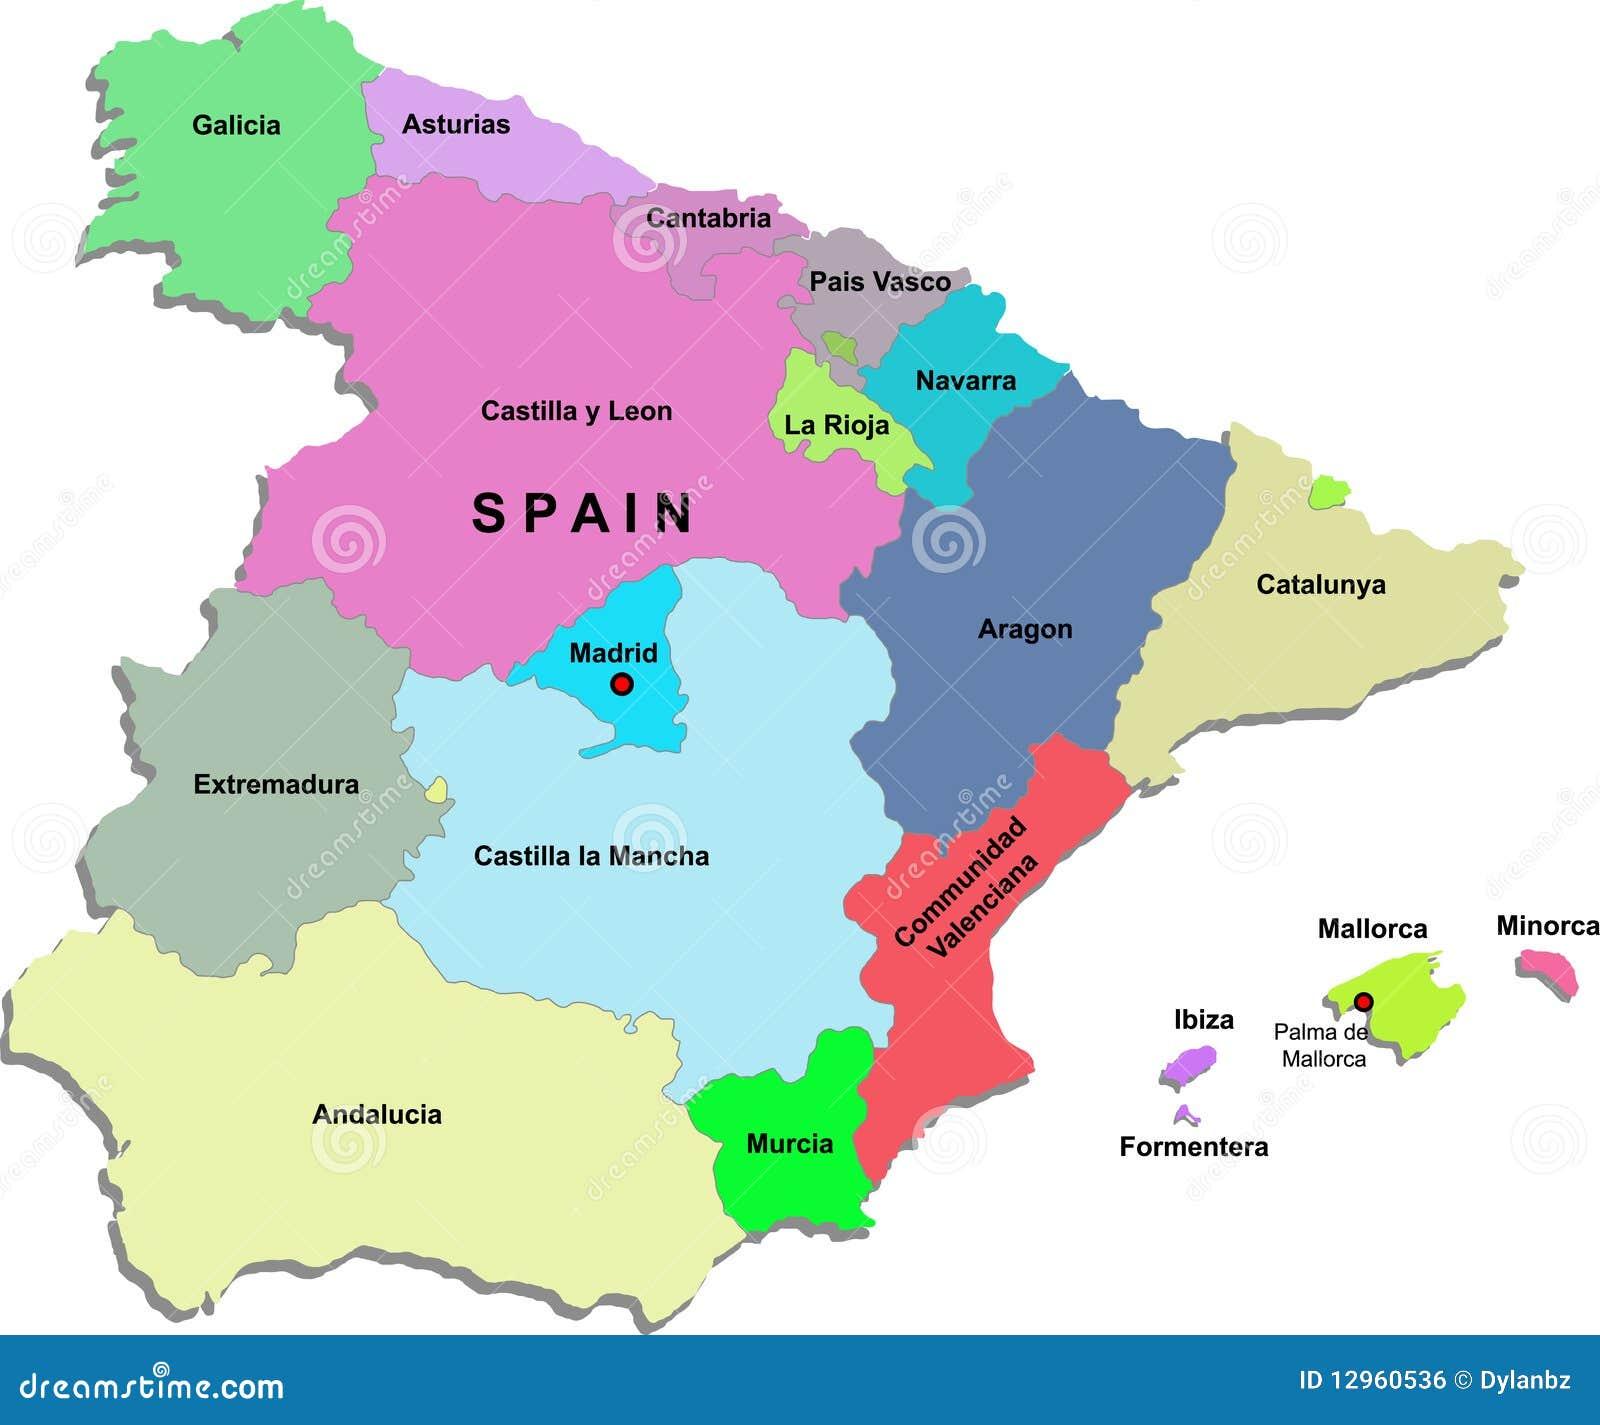 Spanien Regionen Karte.Spanien Karte Mit Regionen